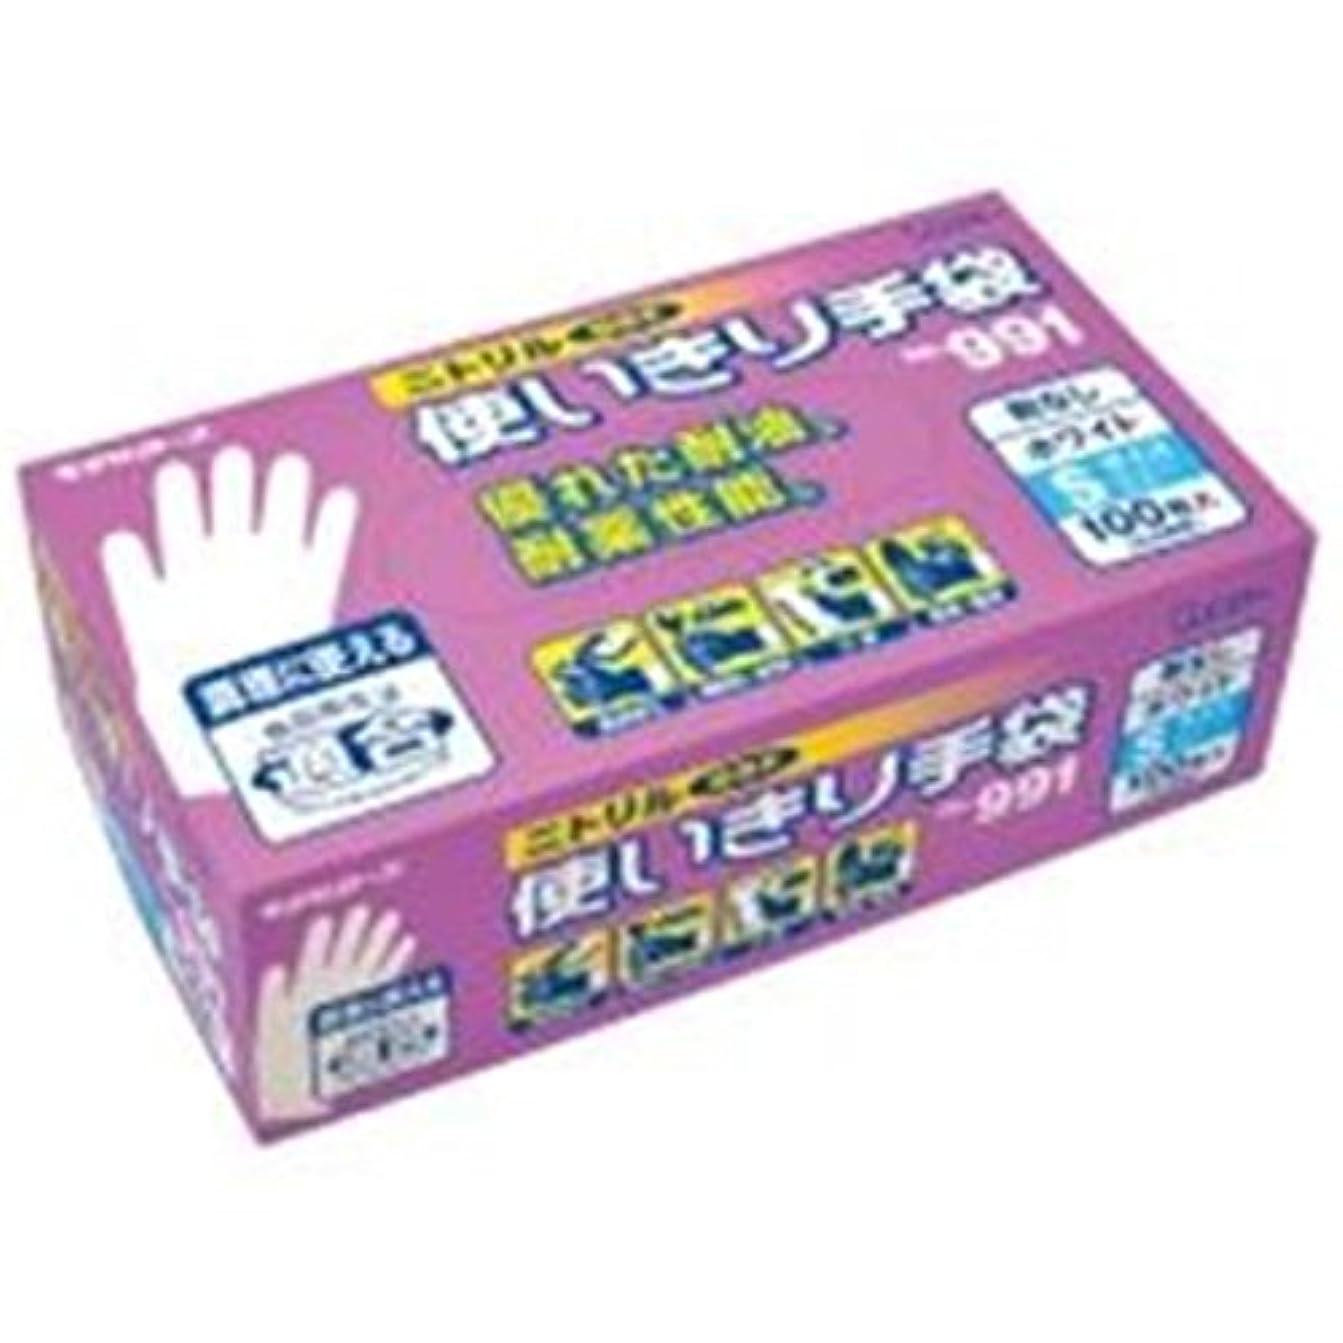 意味のあるお願いします可愛いエステー ニトリル使切手袋粉無No.991ホワイトS 12箱